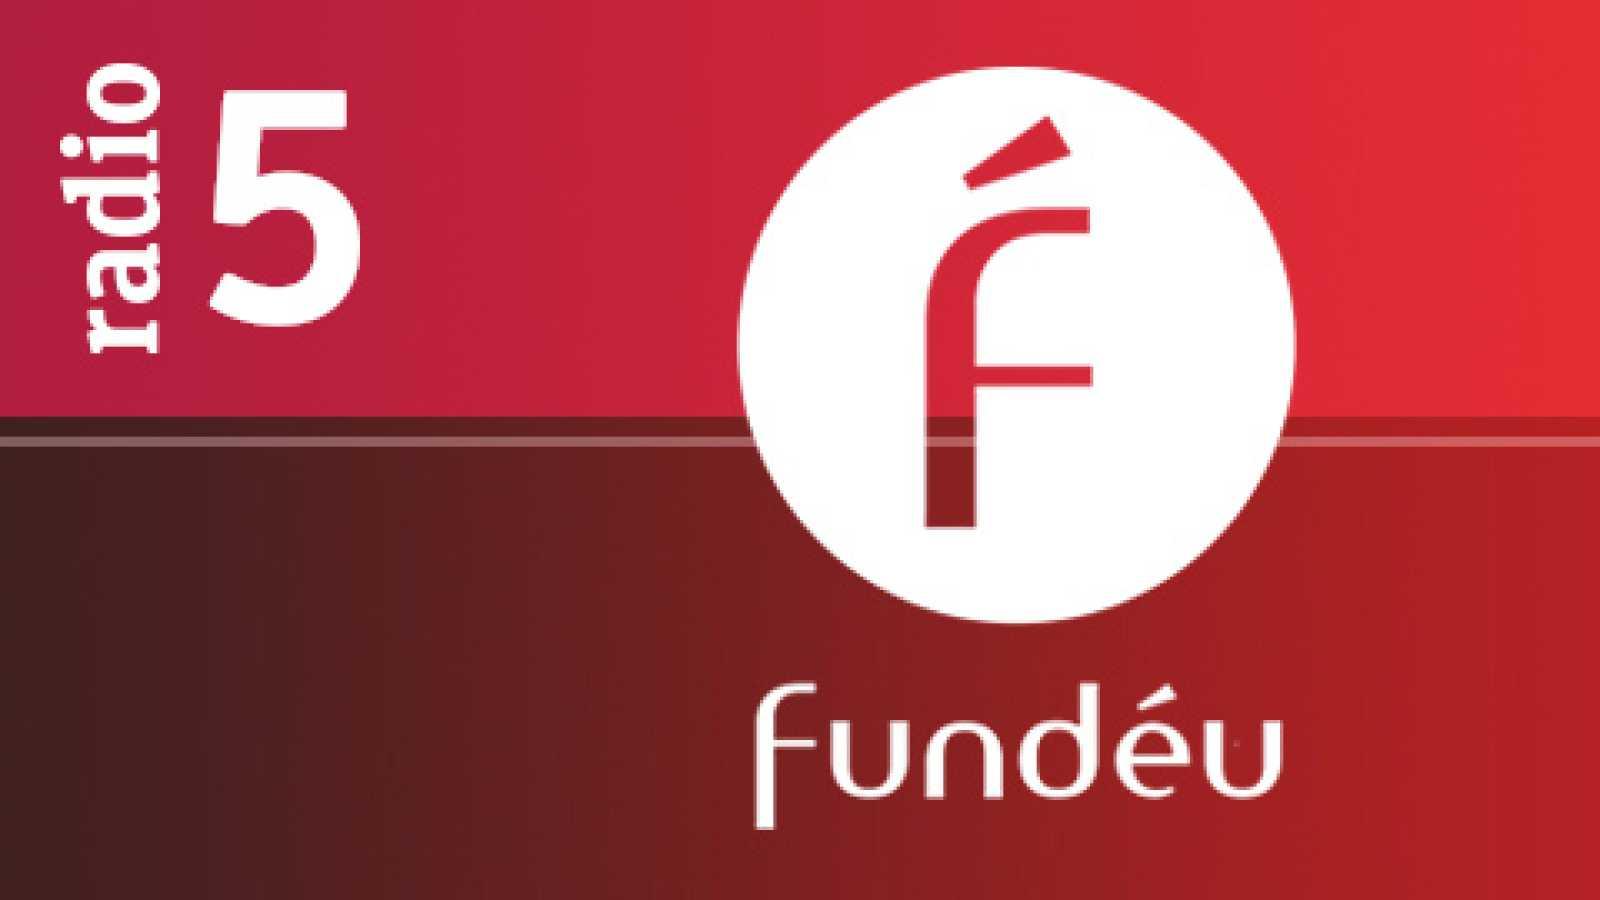 """El español urgente con Fundéu - El verbo """"decir"""" y sus alternativas - 18/11/19 - Escuchar ahora"""